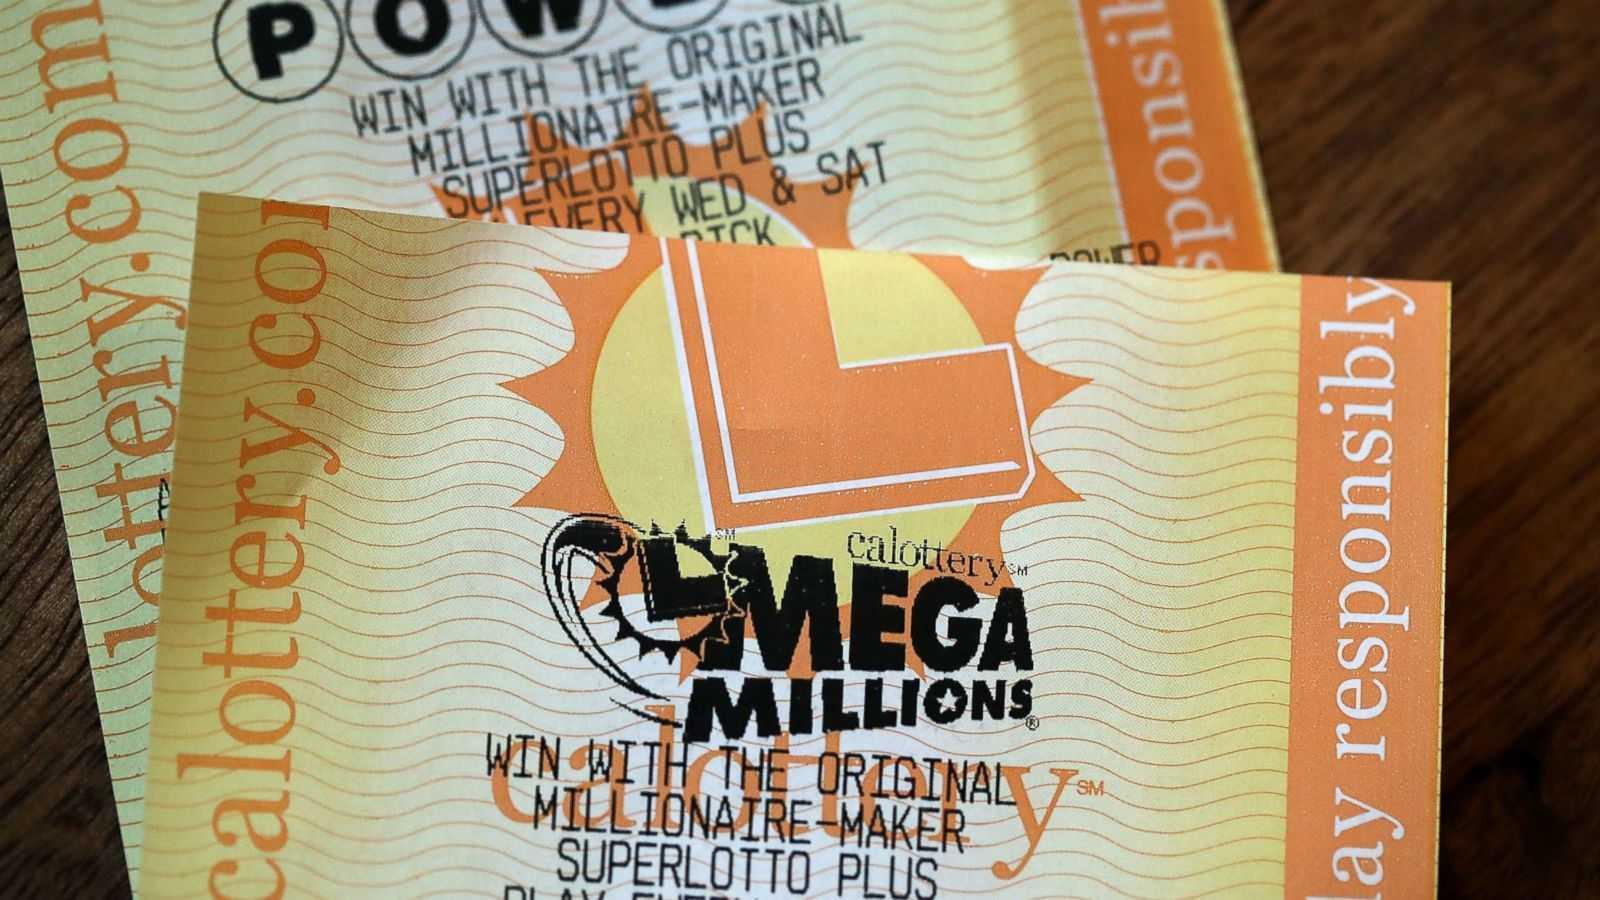 Kalifornien Lotterie Superlotto plus (5 из 47 + 1 von 27)